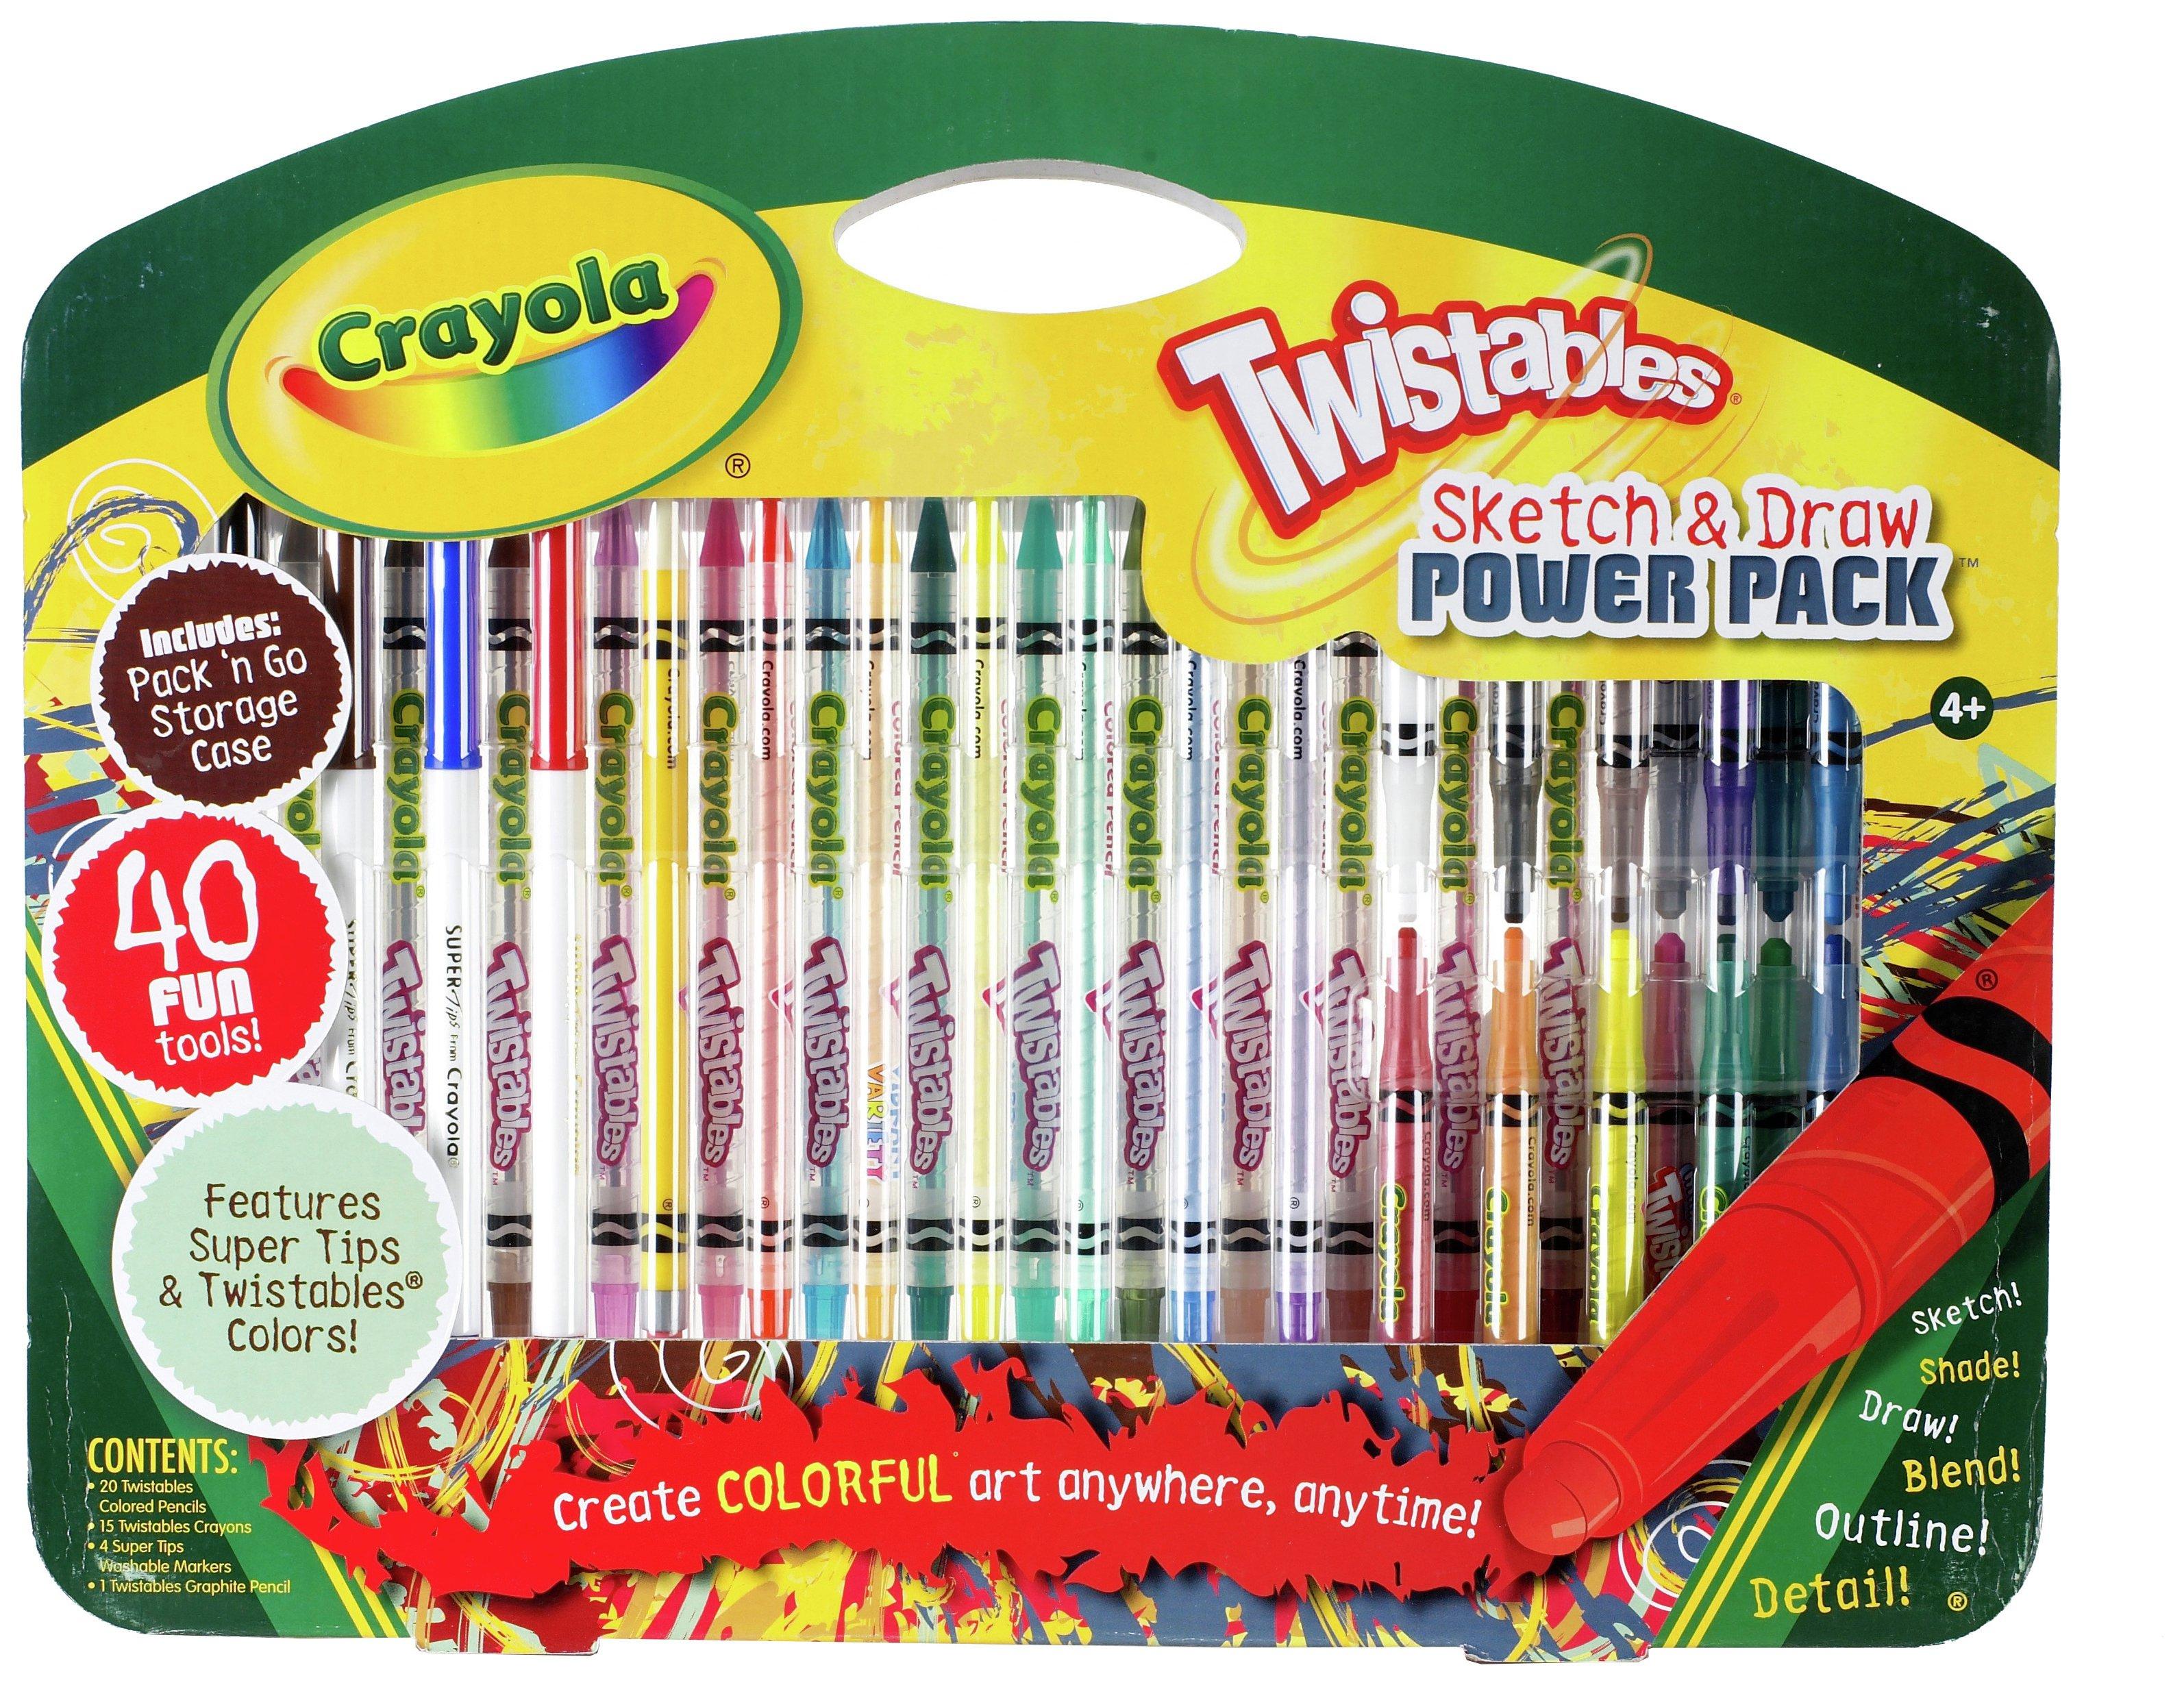 Crayola Twistables Sketch and Draw Set (40 Pieces) for £3.50 @ Argos